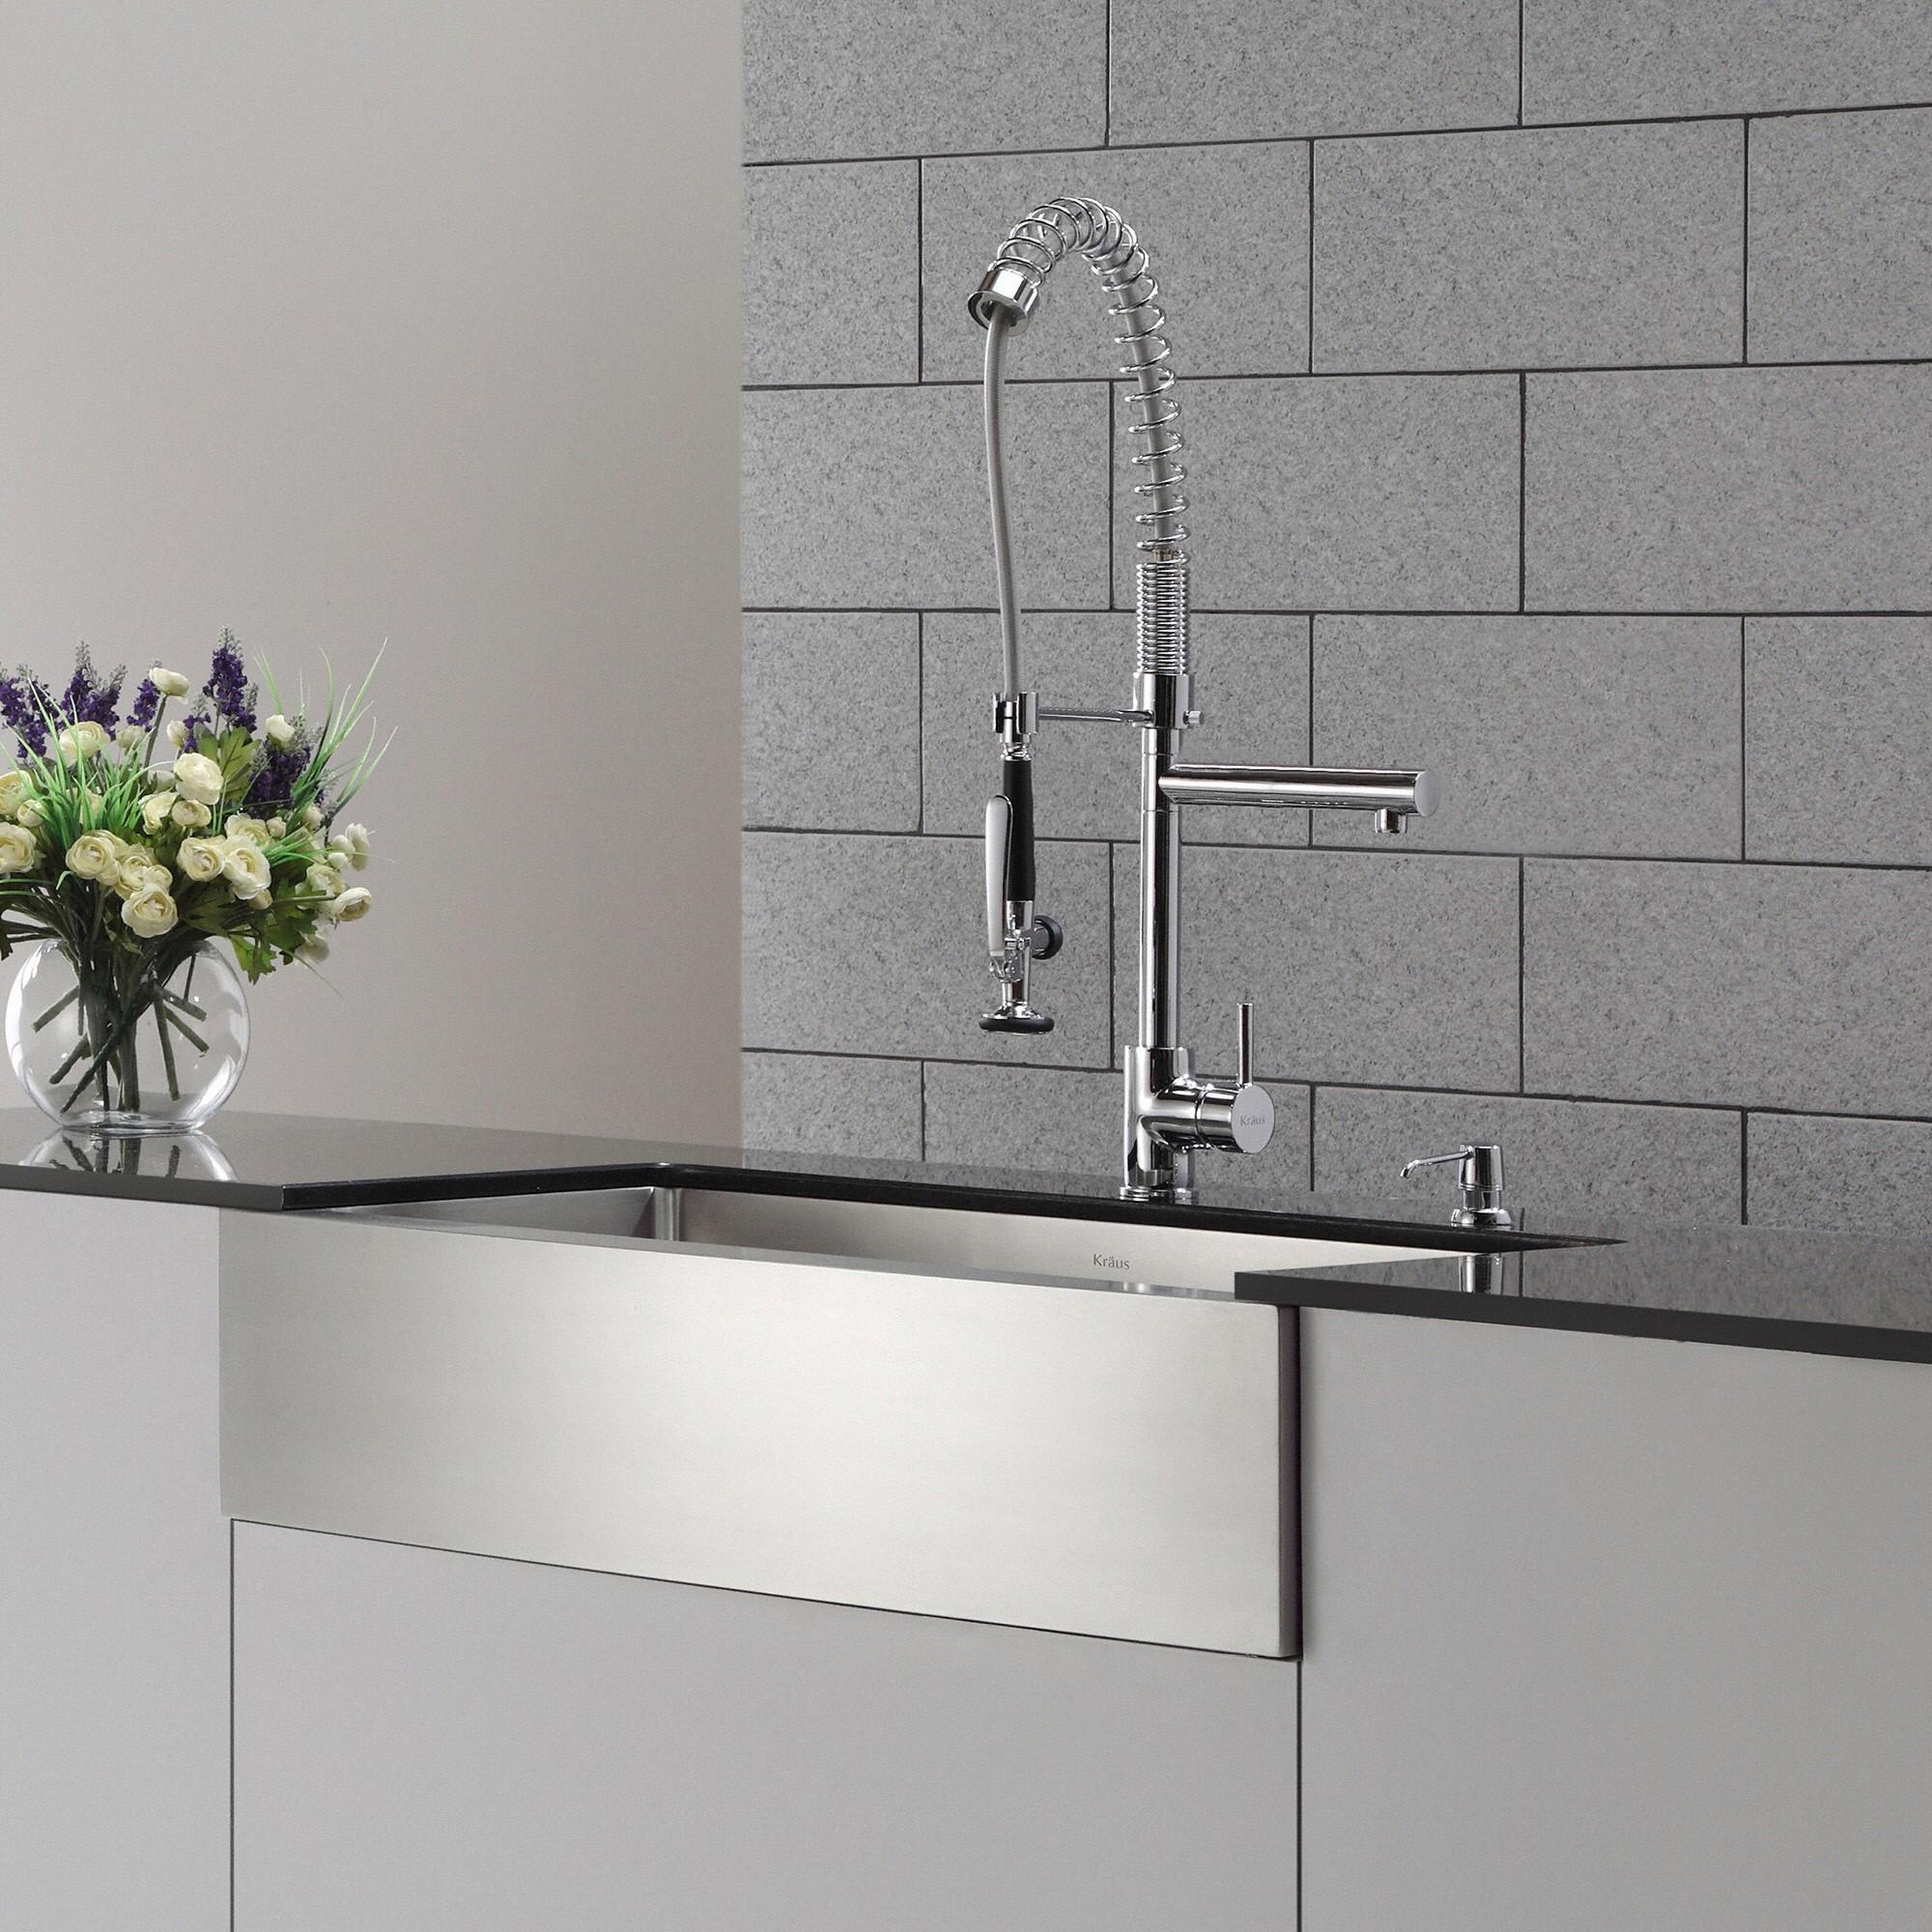 Ideas, kraus kitchen faucet 1602 kraus kitchen faucet 1602 kitchen faucet kraususa 2000 x 2000  .